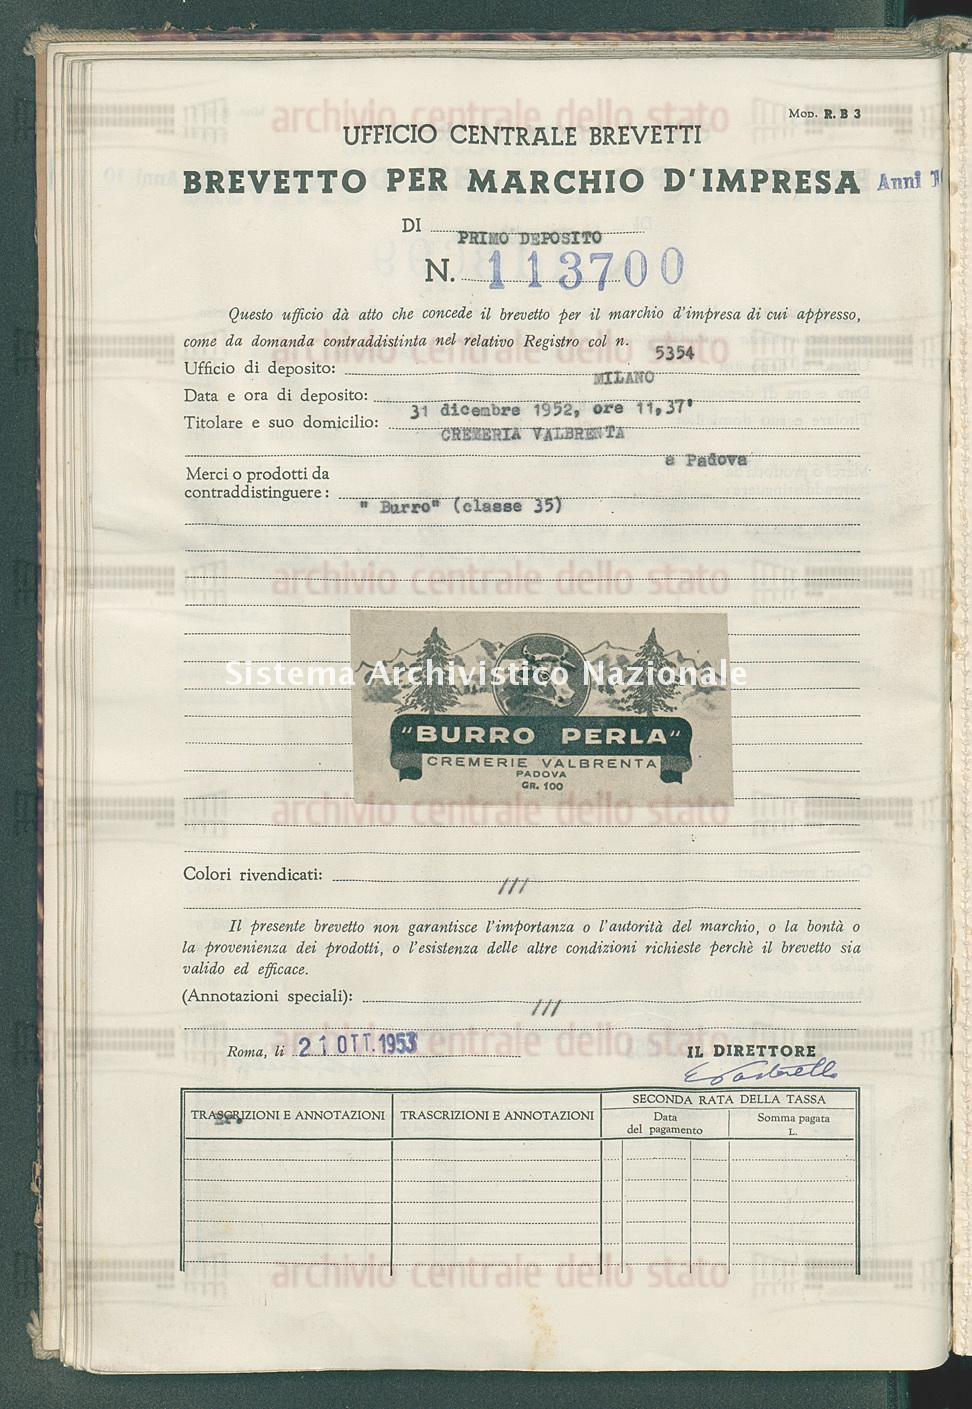 'Burro' Cremeria Valbrenta (21/10/1953)